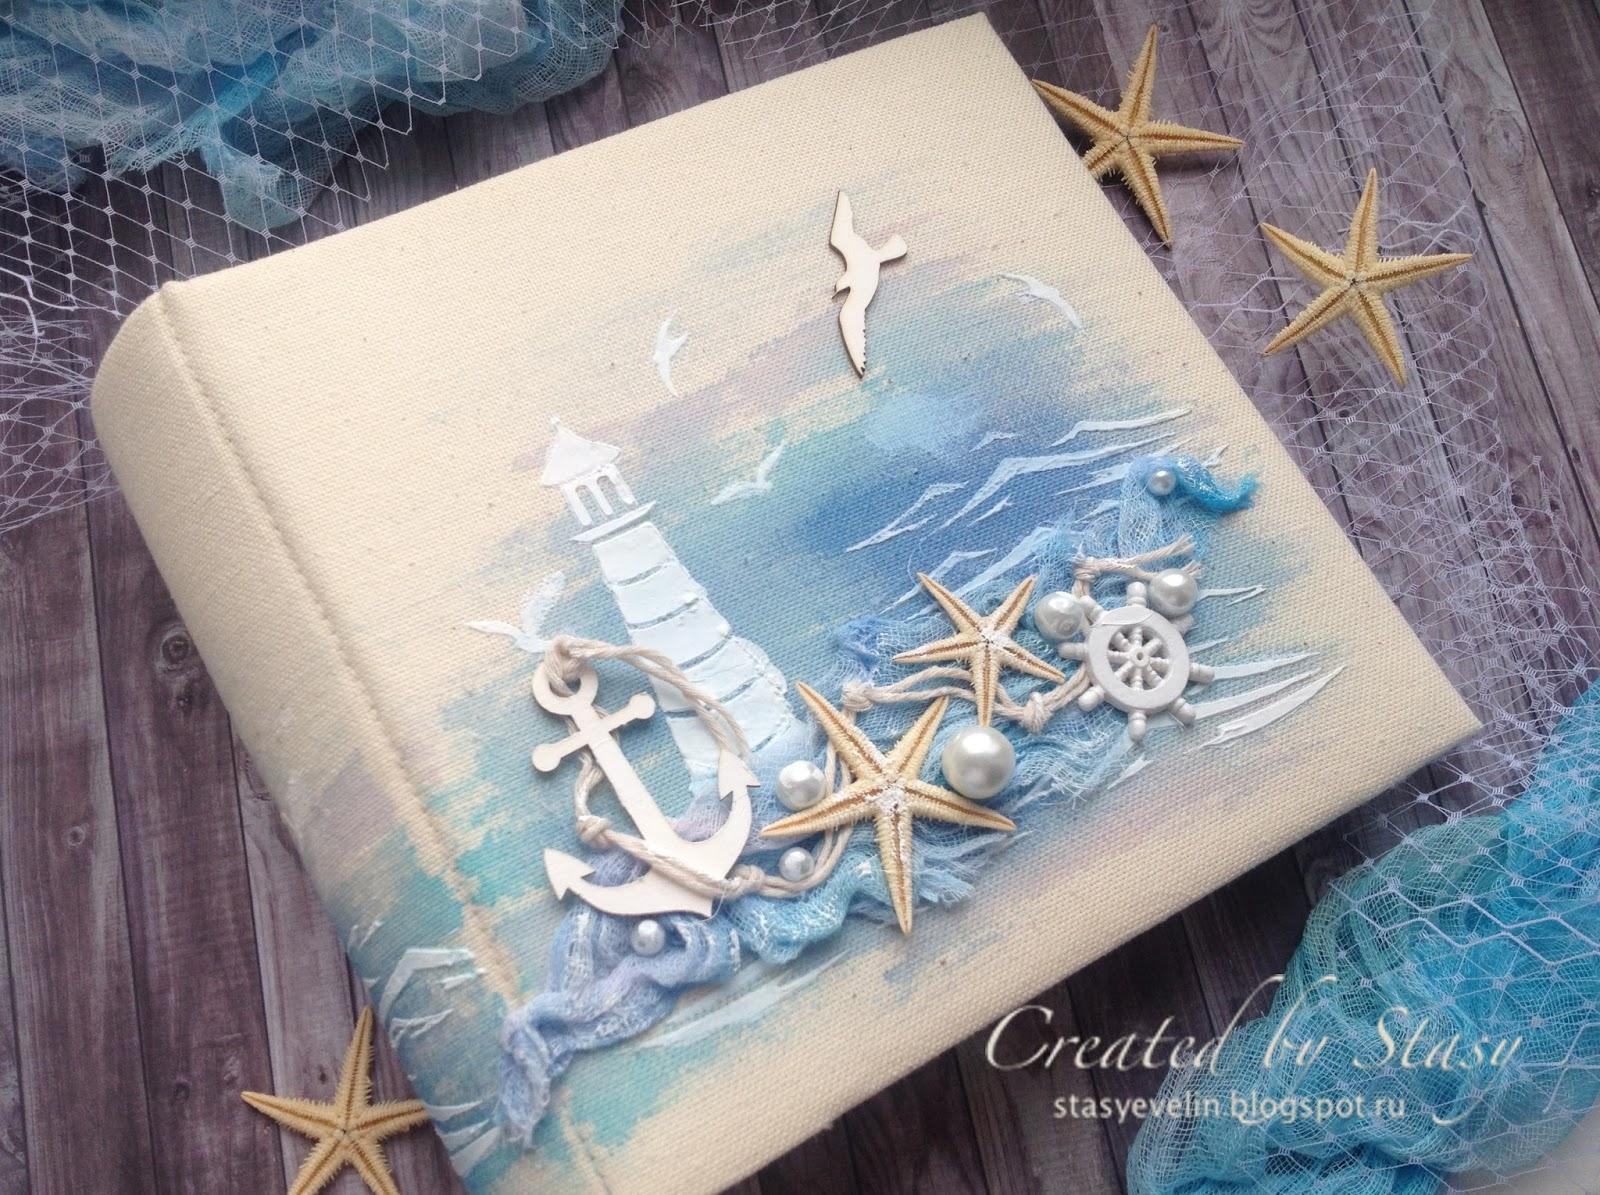 Фотоальбомы своими руками в морском стиле